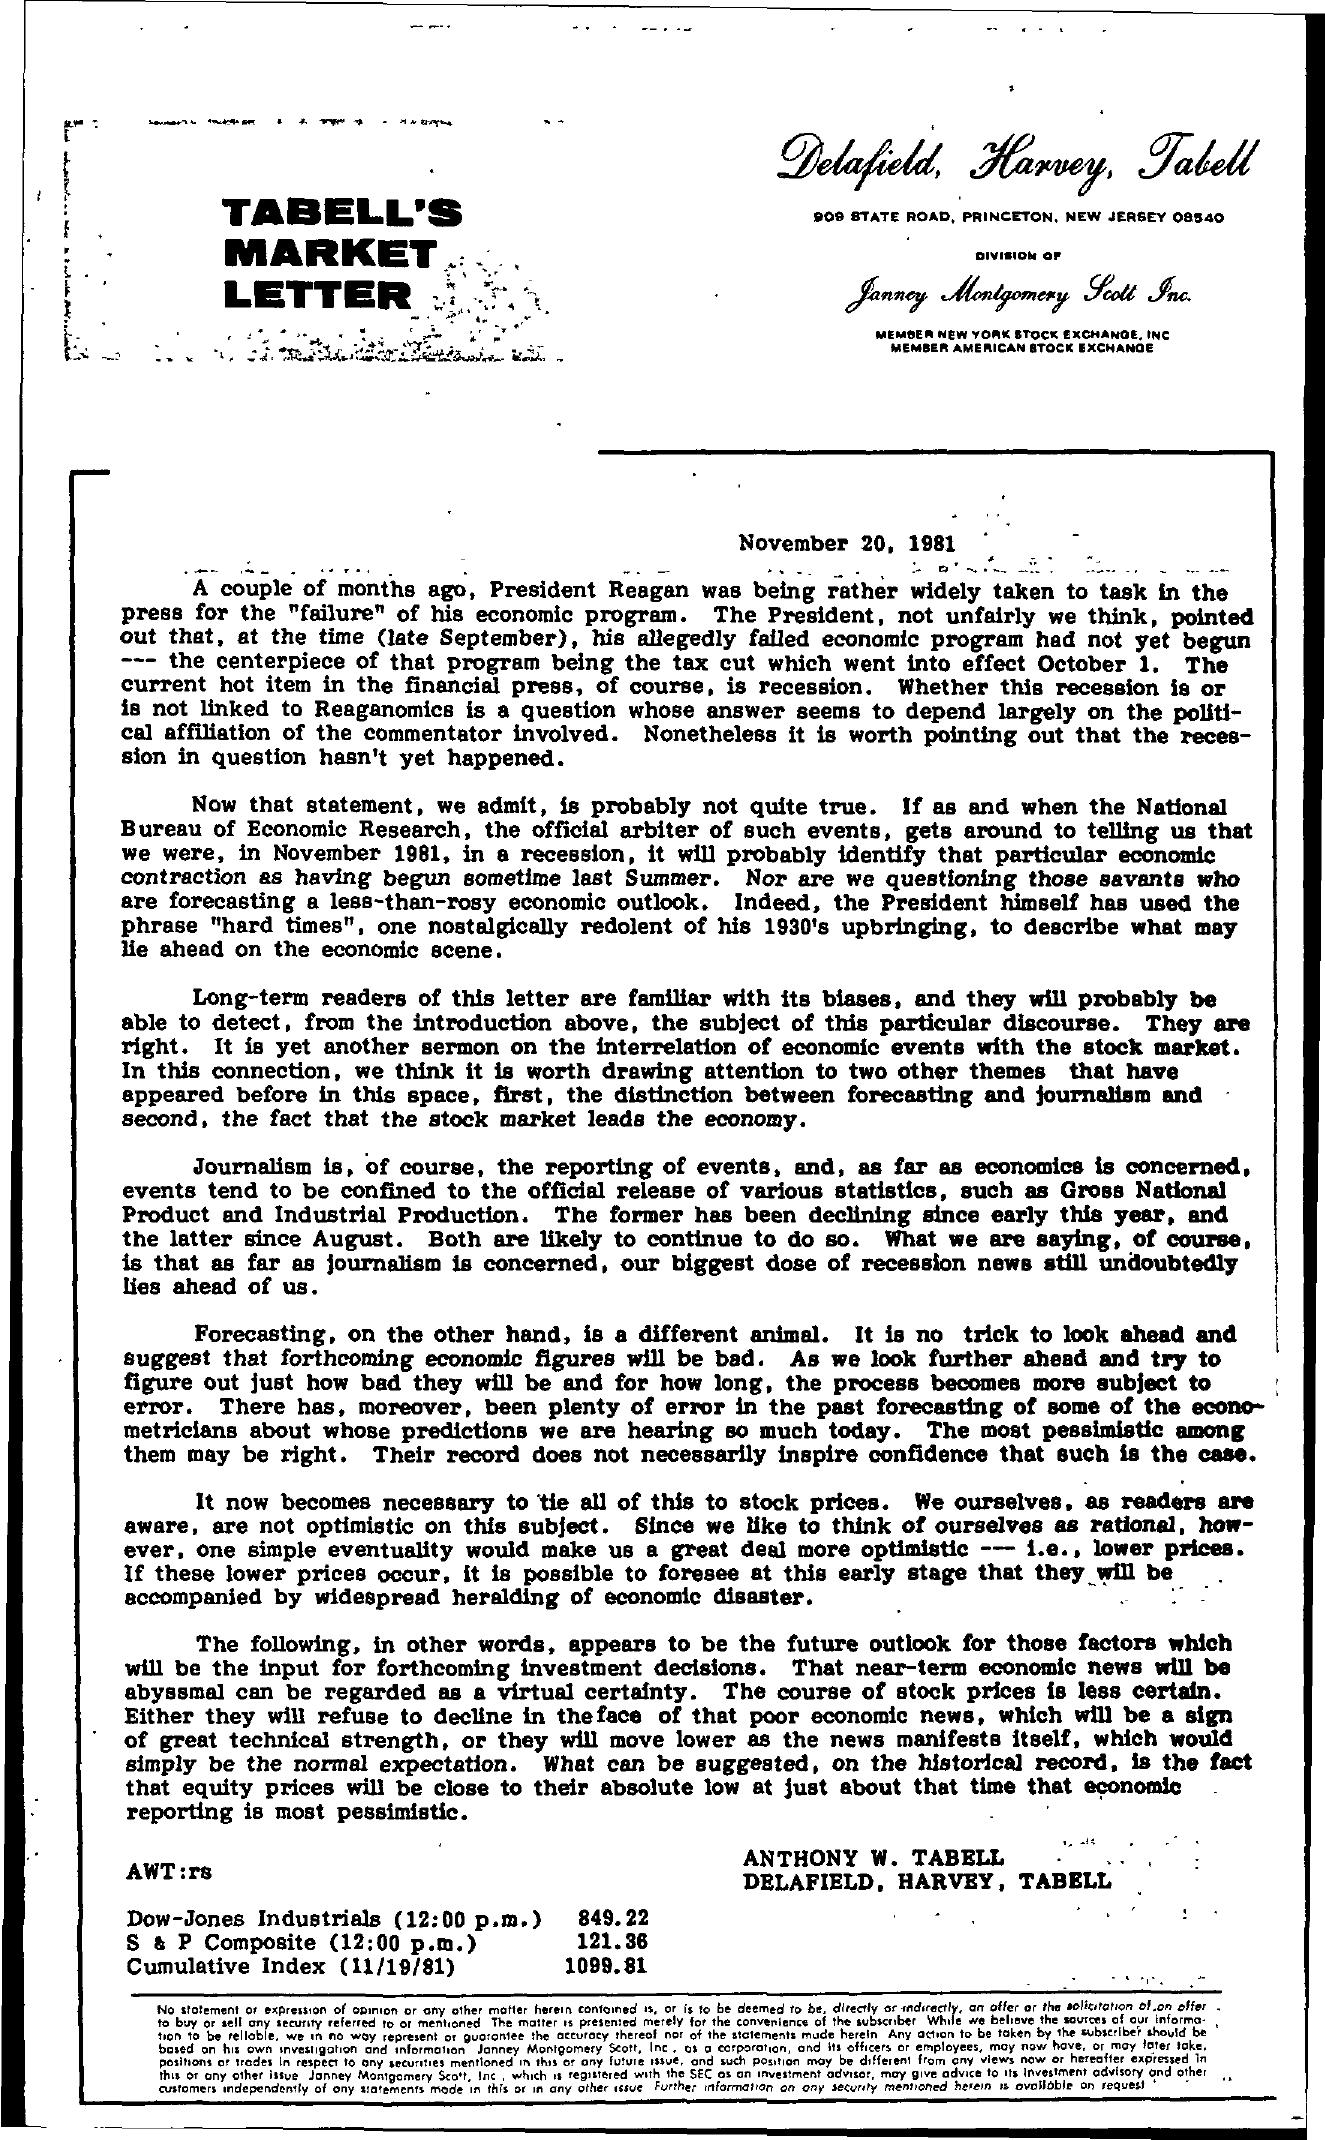 Tabell's Market Letter - November 20, 1981